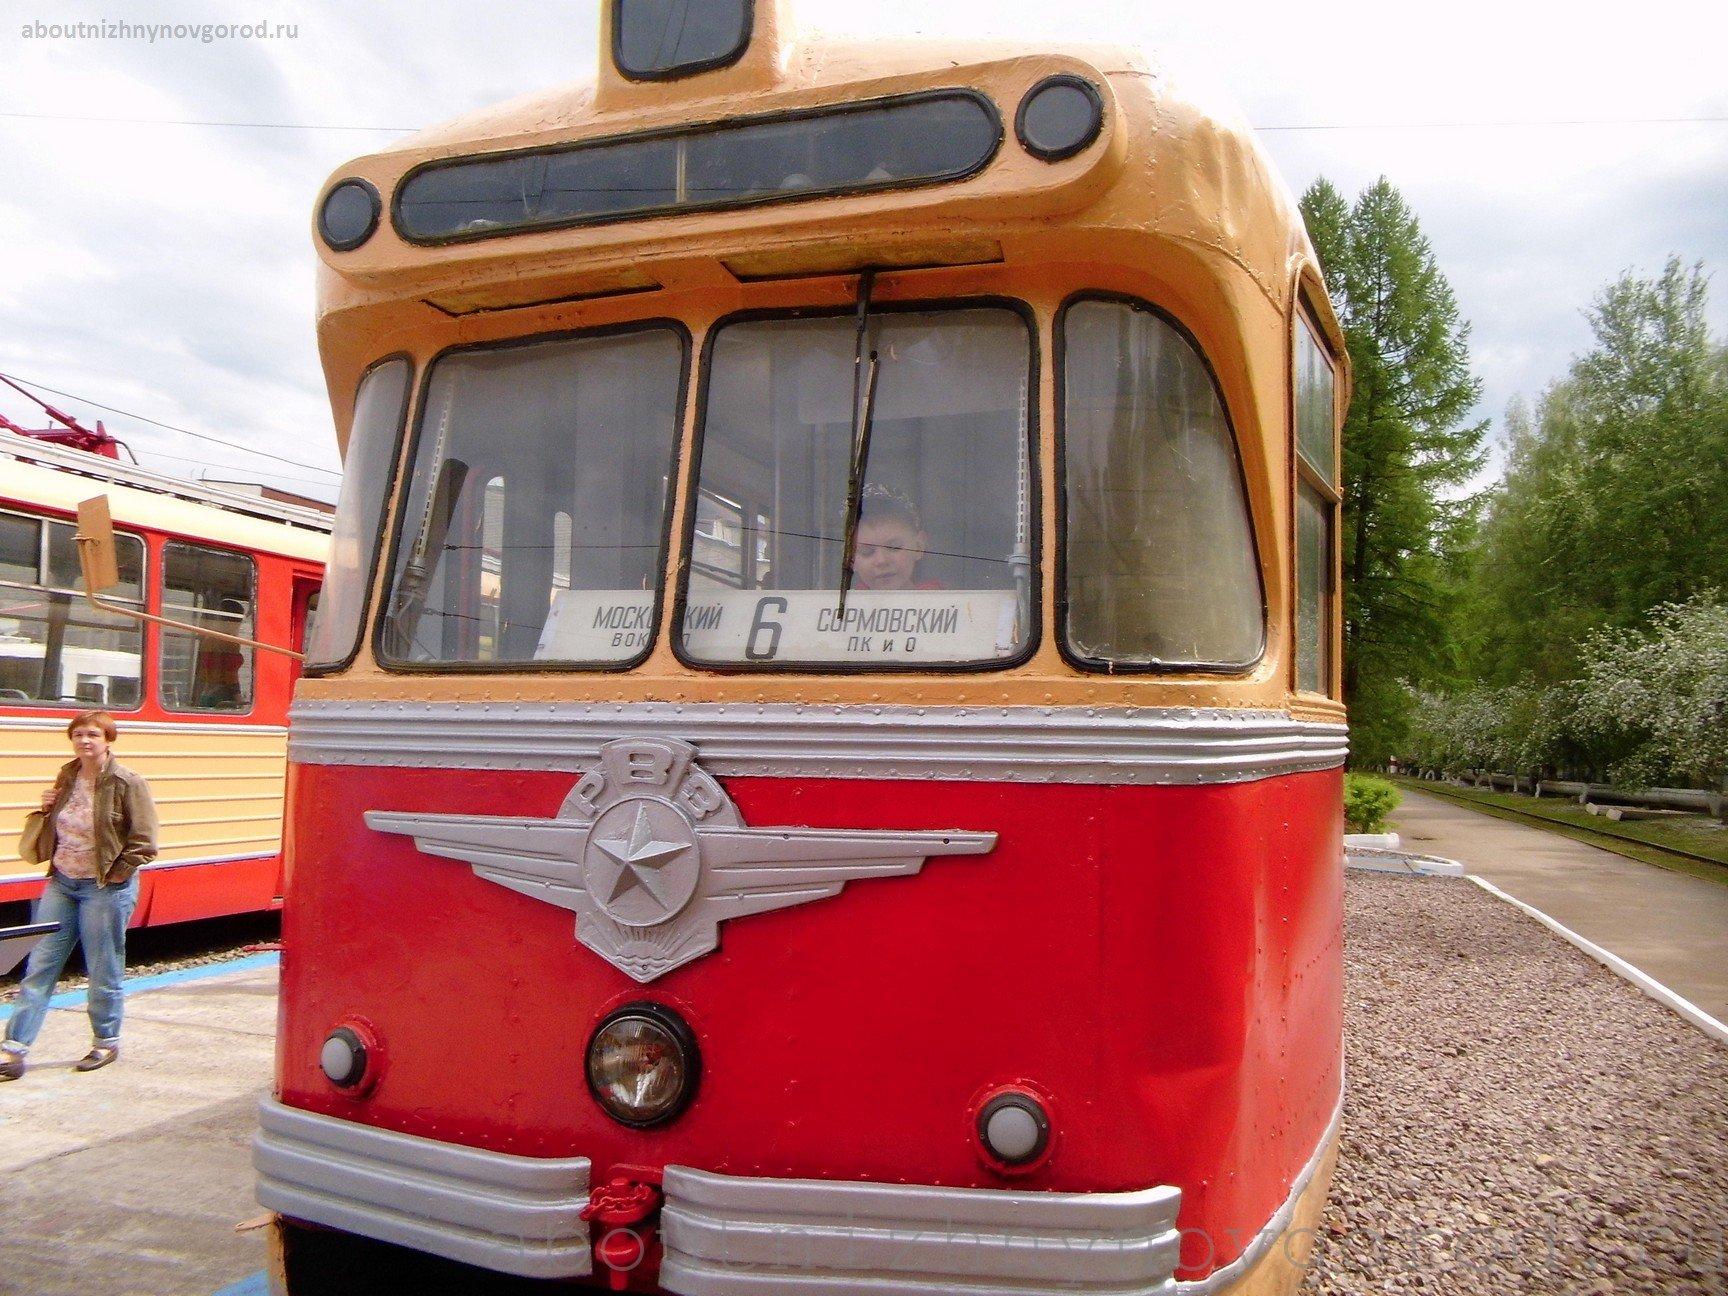 Следующая остановка, 'Музей электротранспорта'!